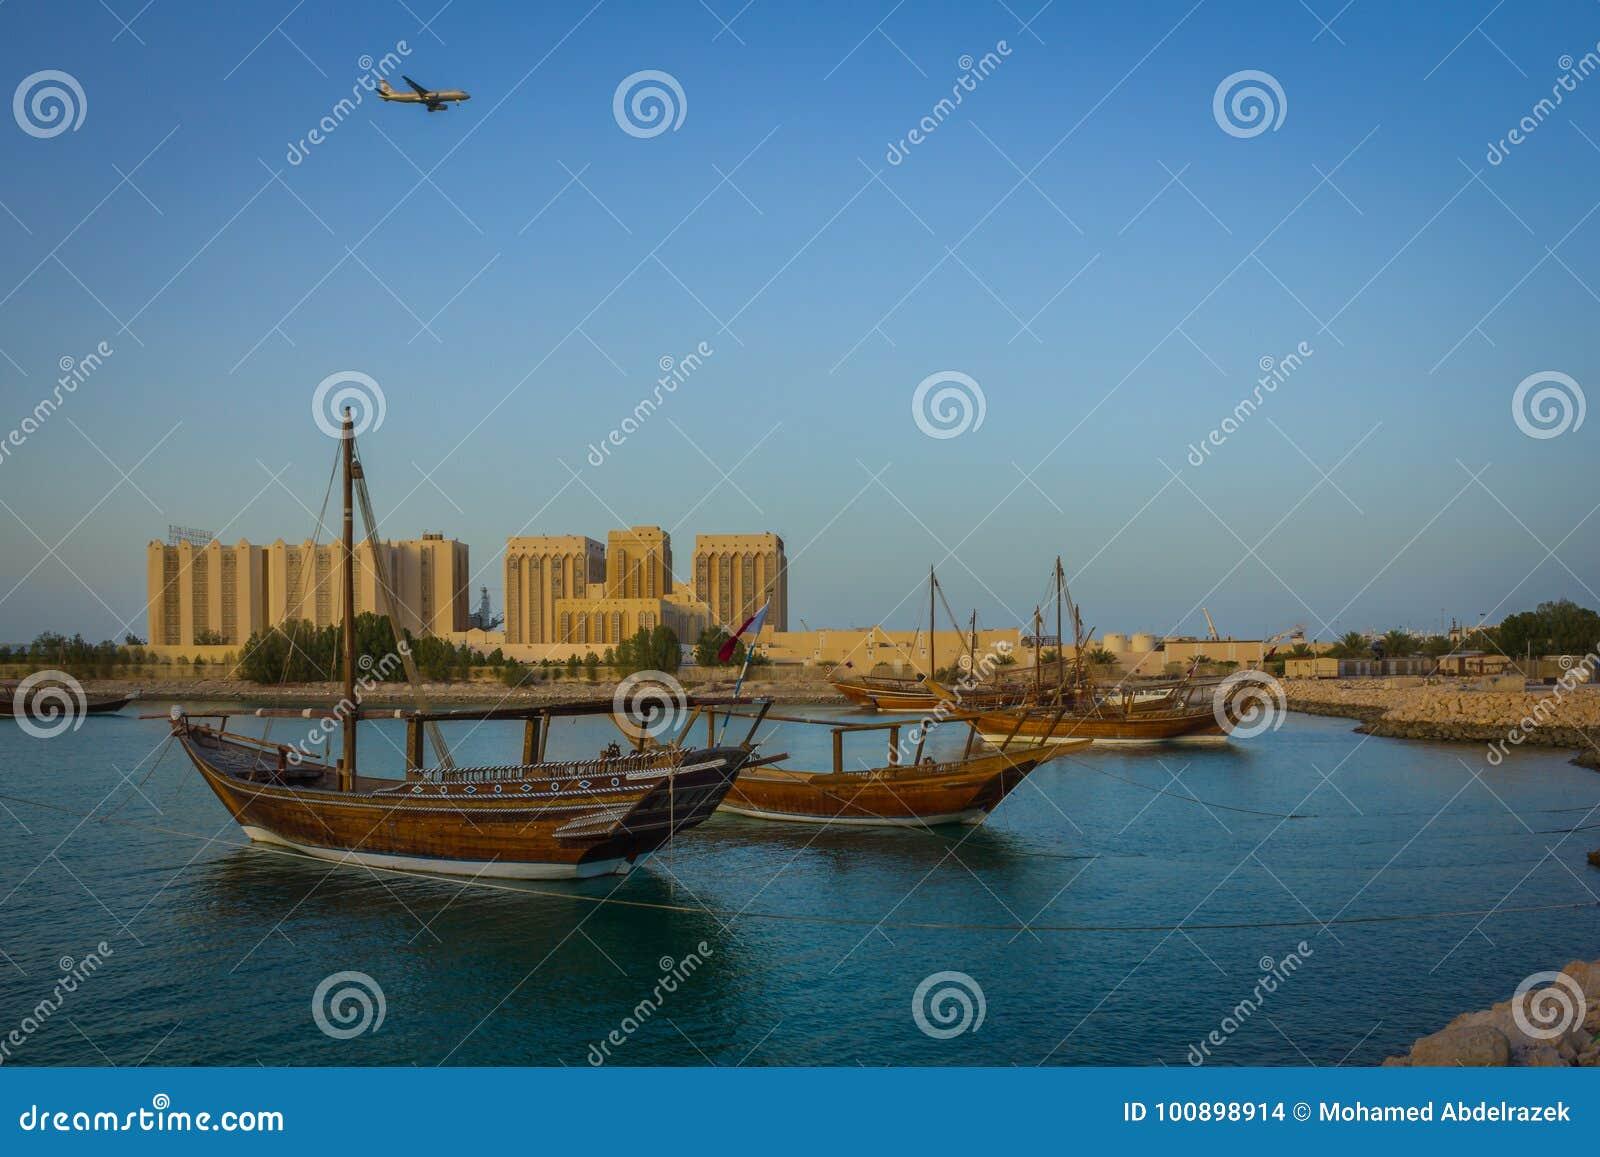 Boote traditioneller Dhow im arabischen Golf